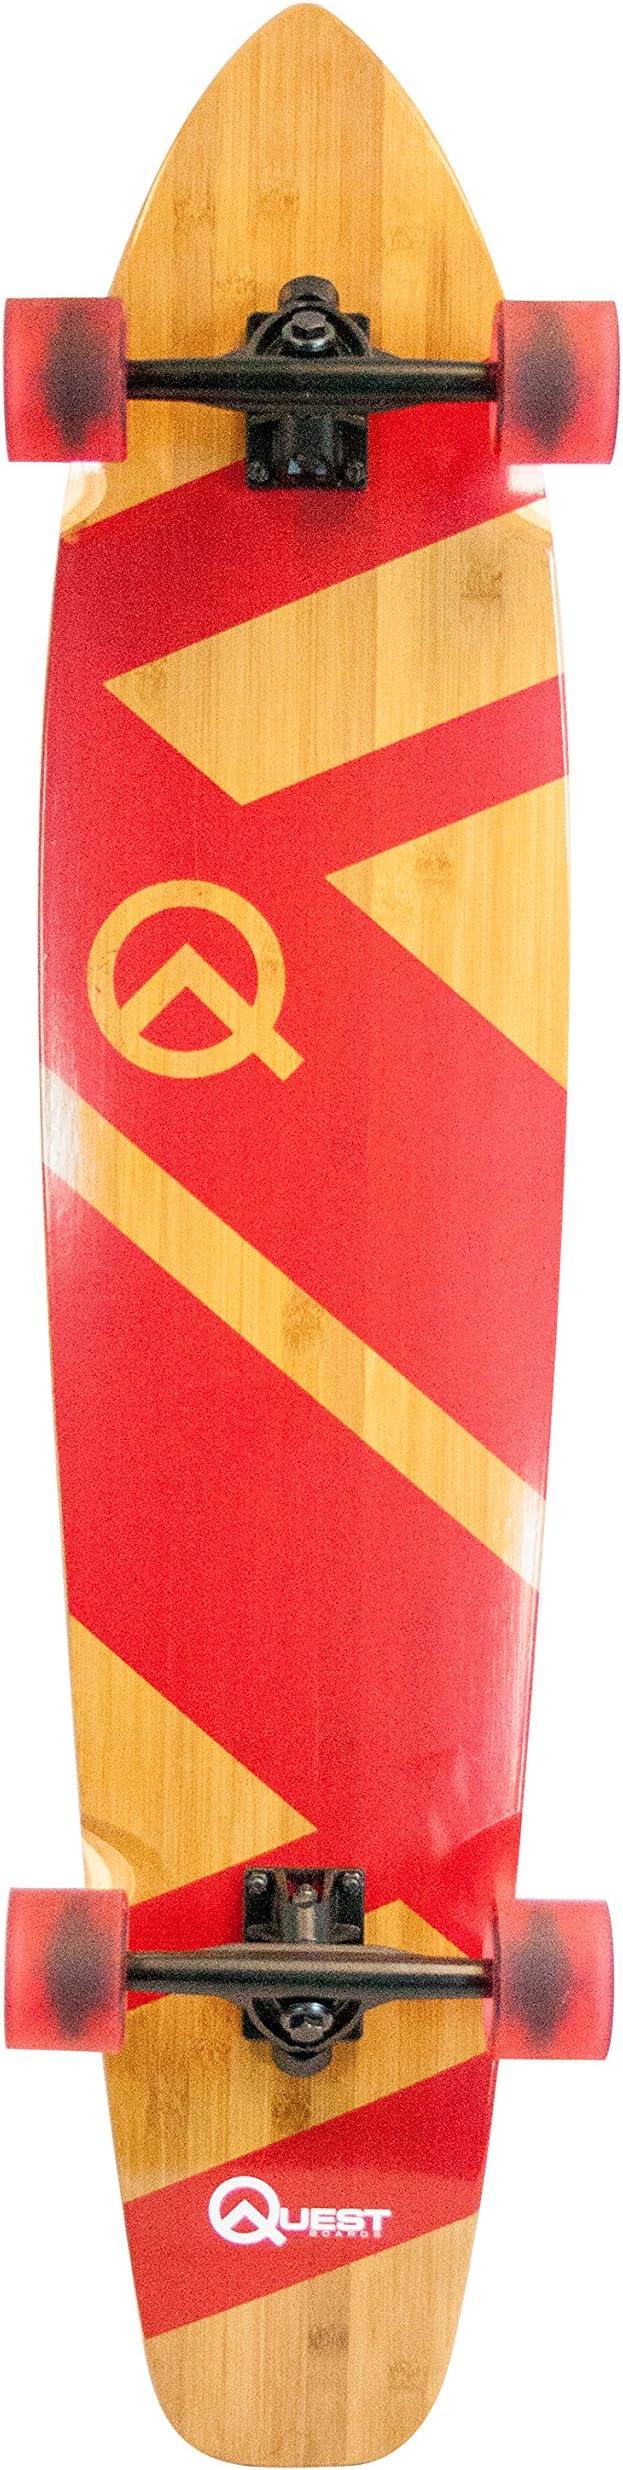 """Quest Skateboards Super Cruiser Crimson Bamboo & Maple Skateboard, Red, 44"""""""